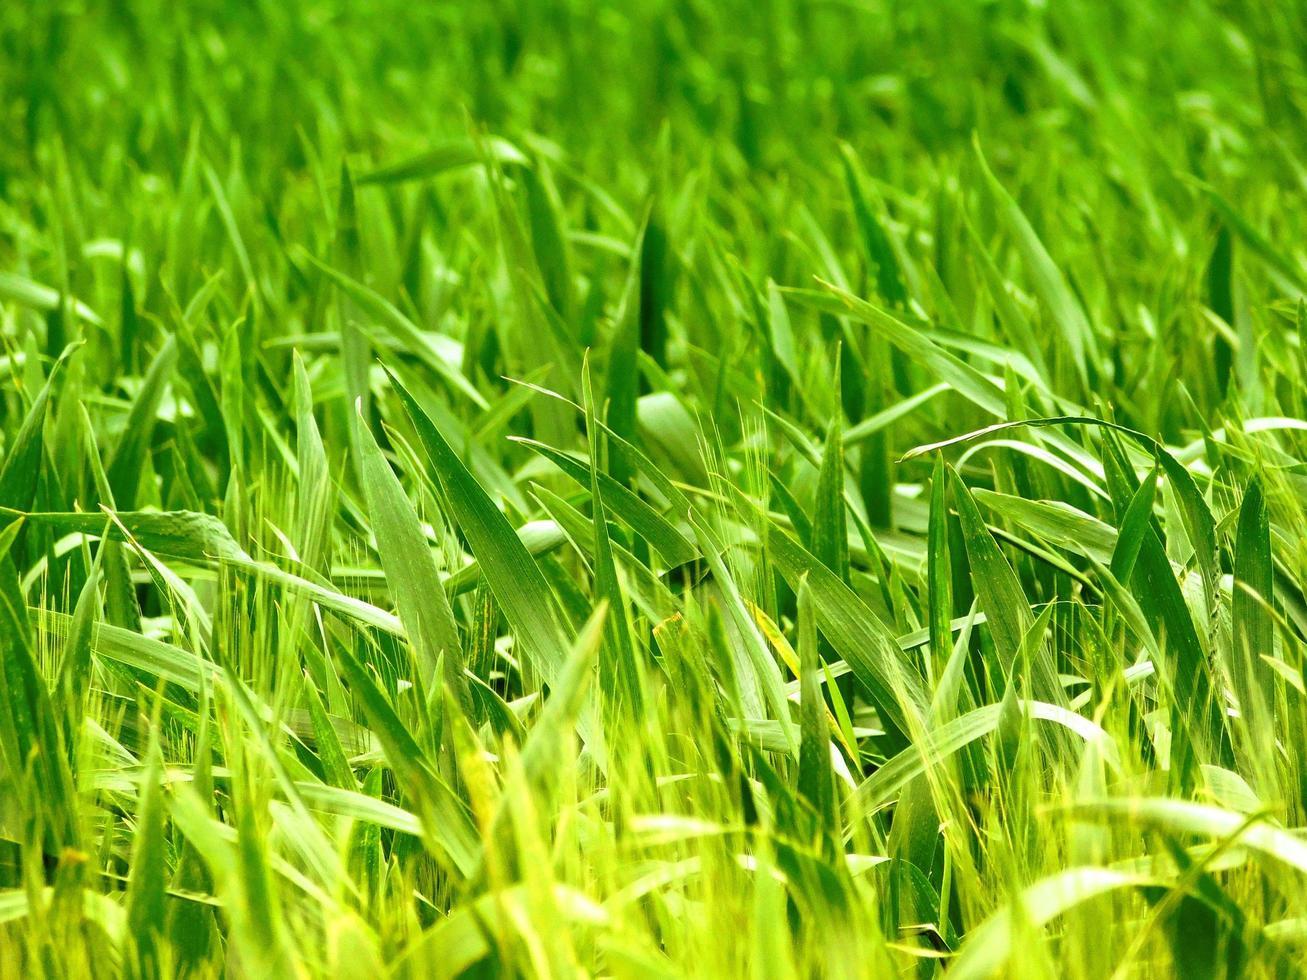 planta al aire libre en el jardín foto